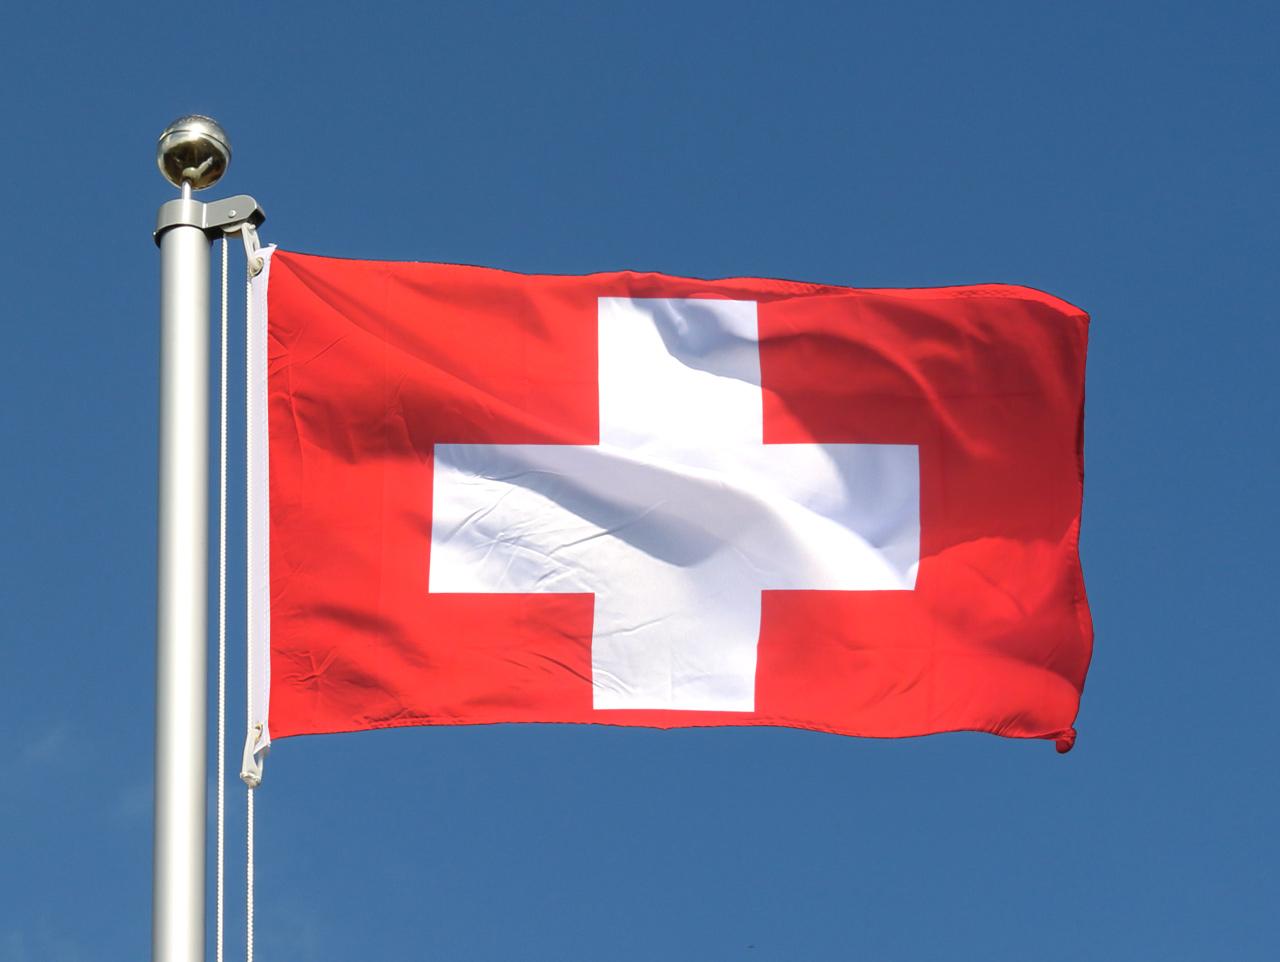 Drapeau pas cher suisse 60 x 90 cm monsieur des drapeaux for Drapeau publicitaire exterieur pas cher